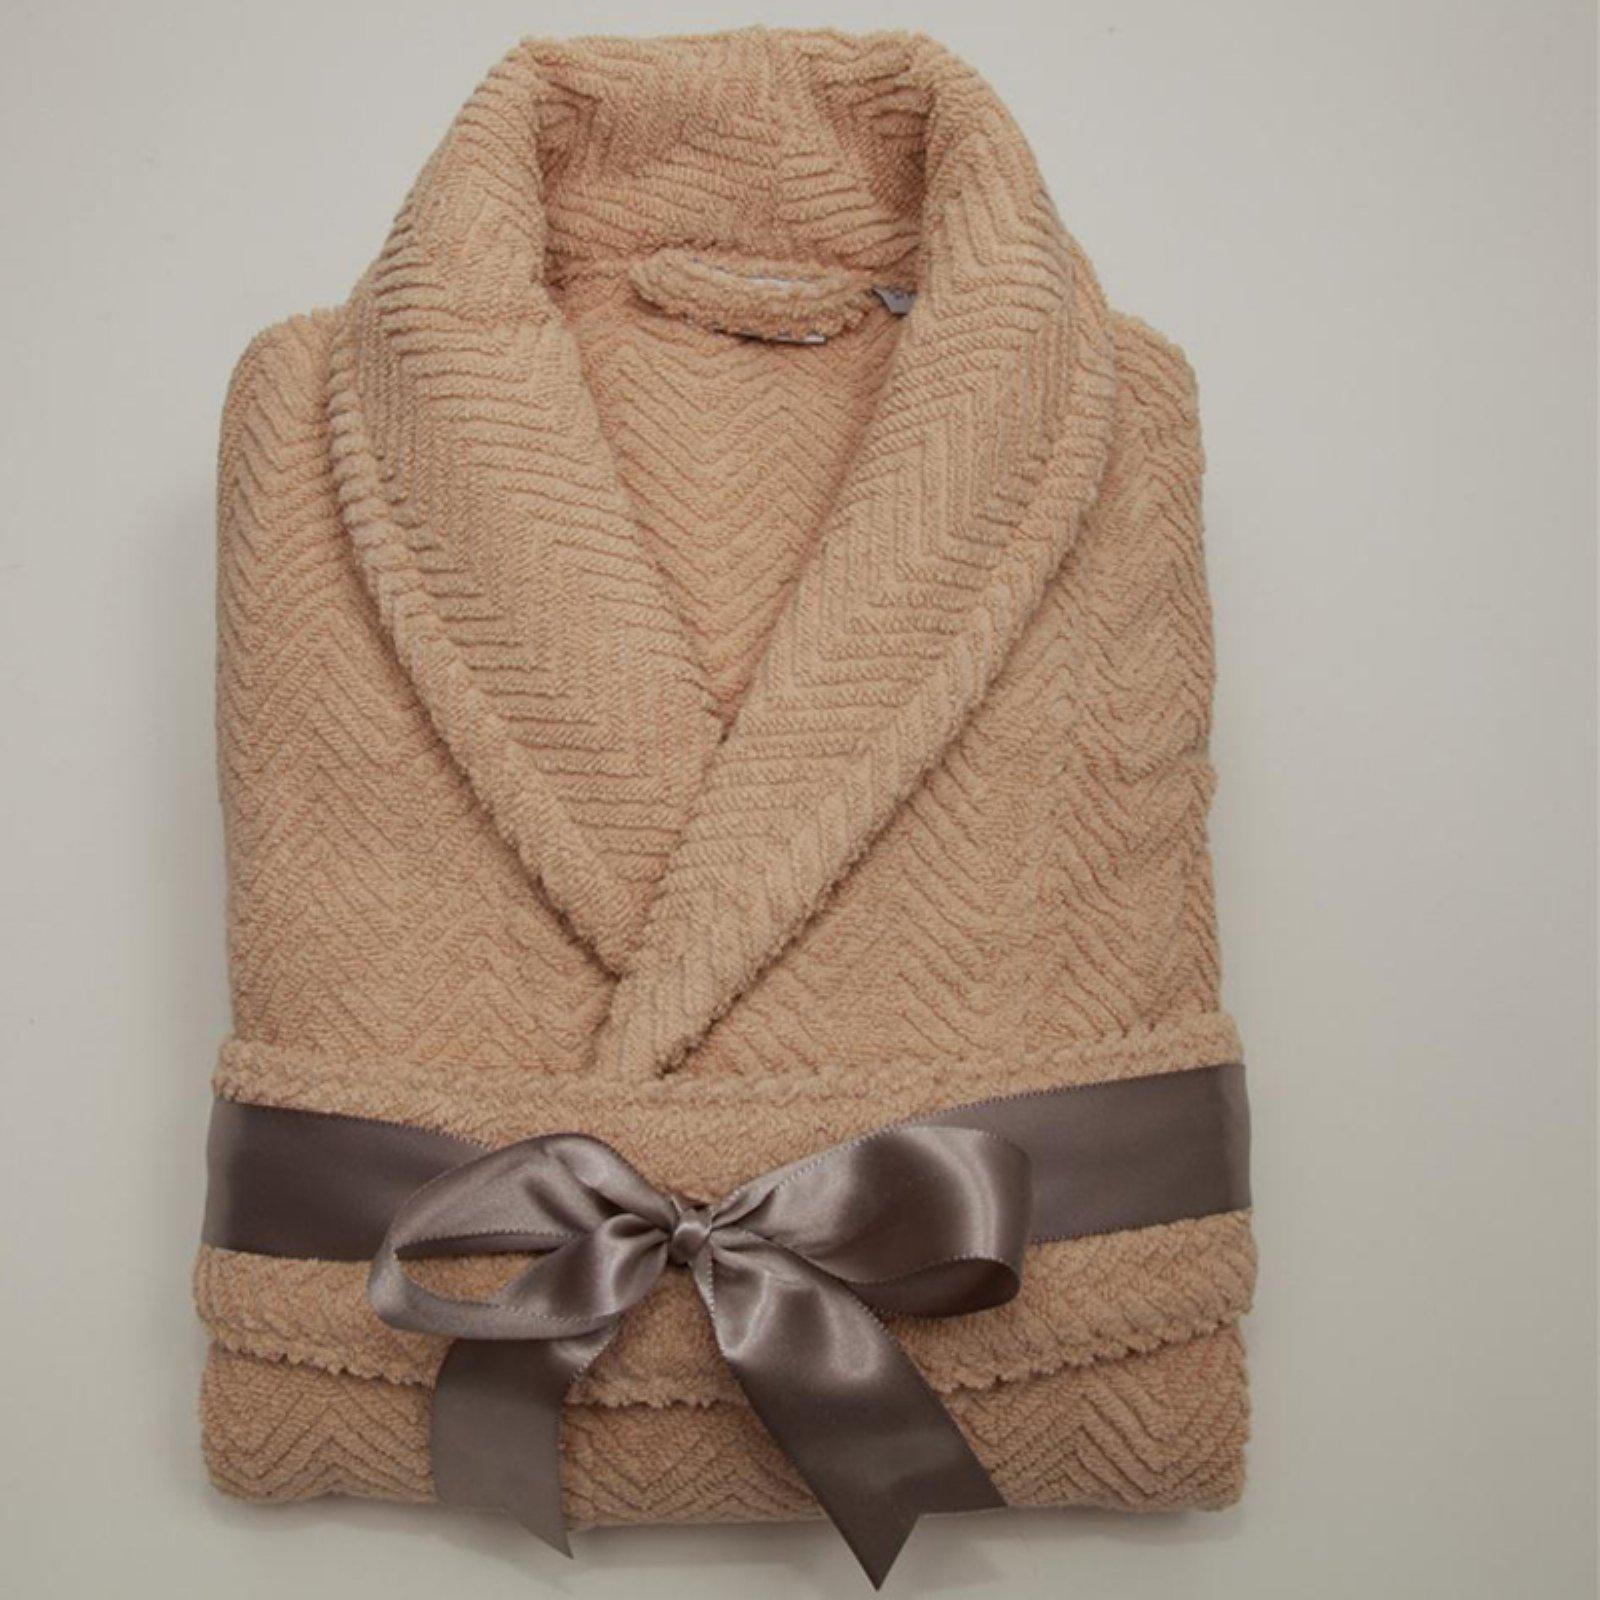 Linum Home Textiles Unisex Herringbone Weave Turkish Cott...